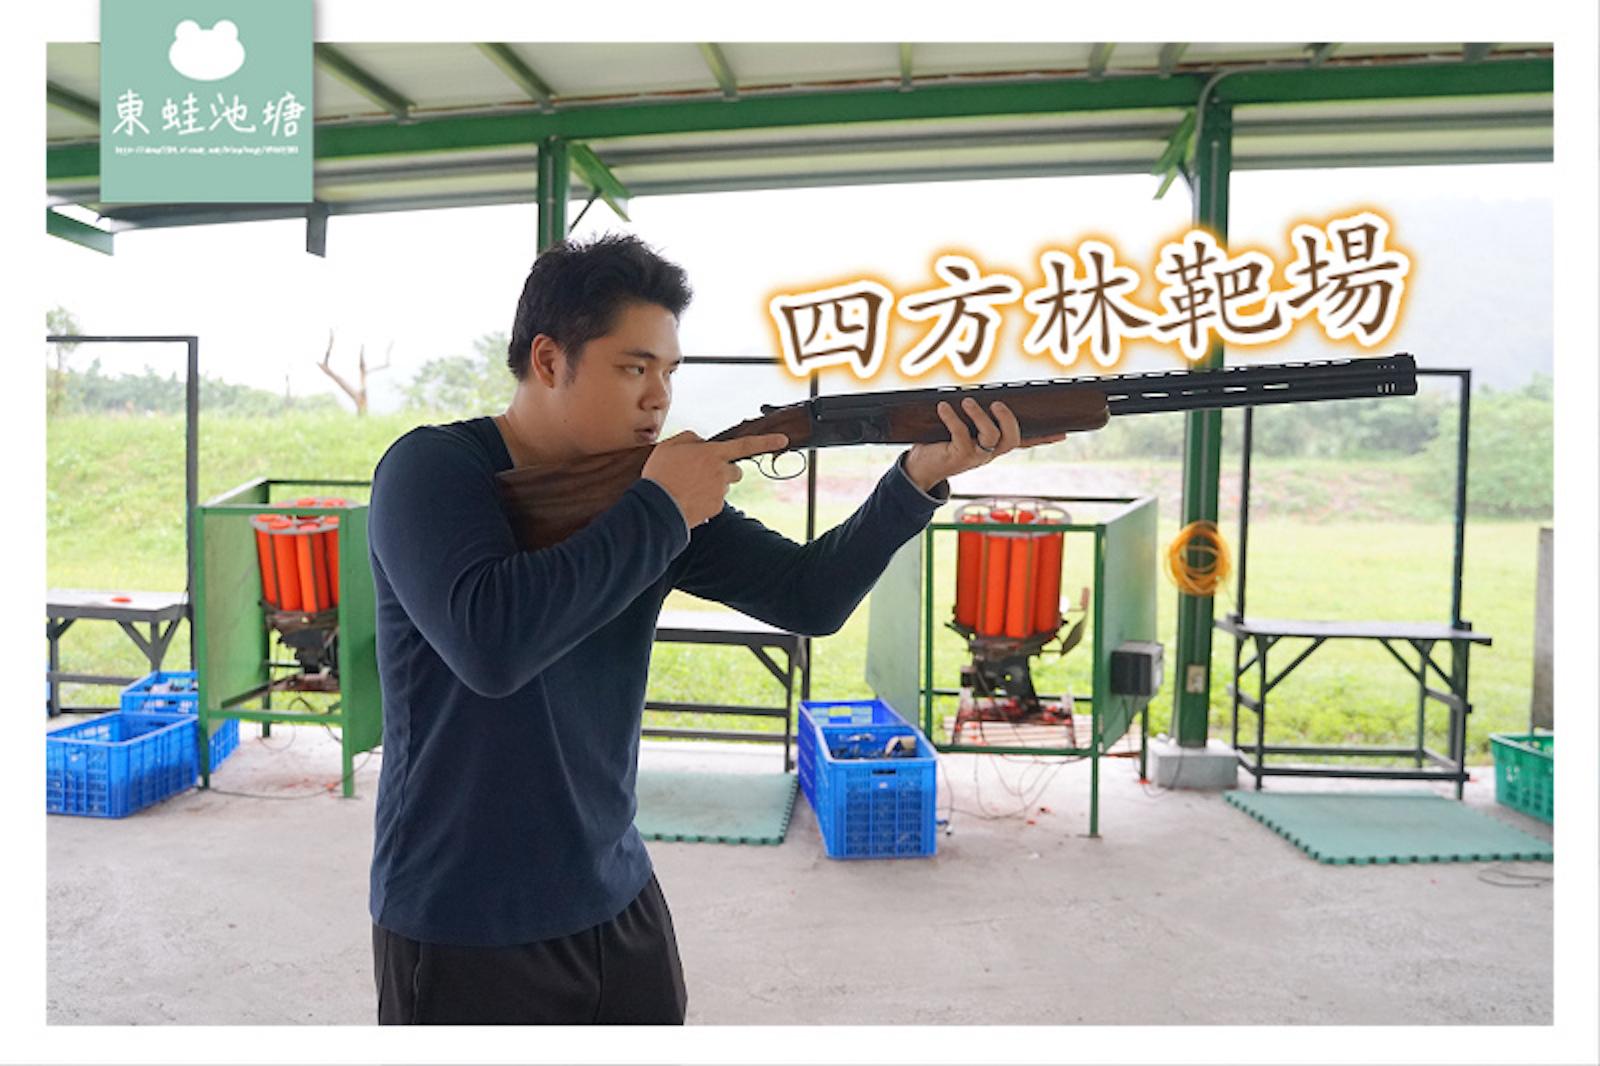 【宜蘭必玩】四方林靶場飛靶射擊心得|北台灣唯一飛靶體驗